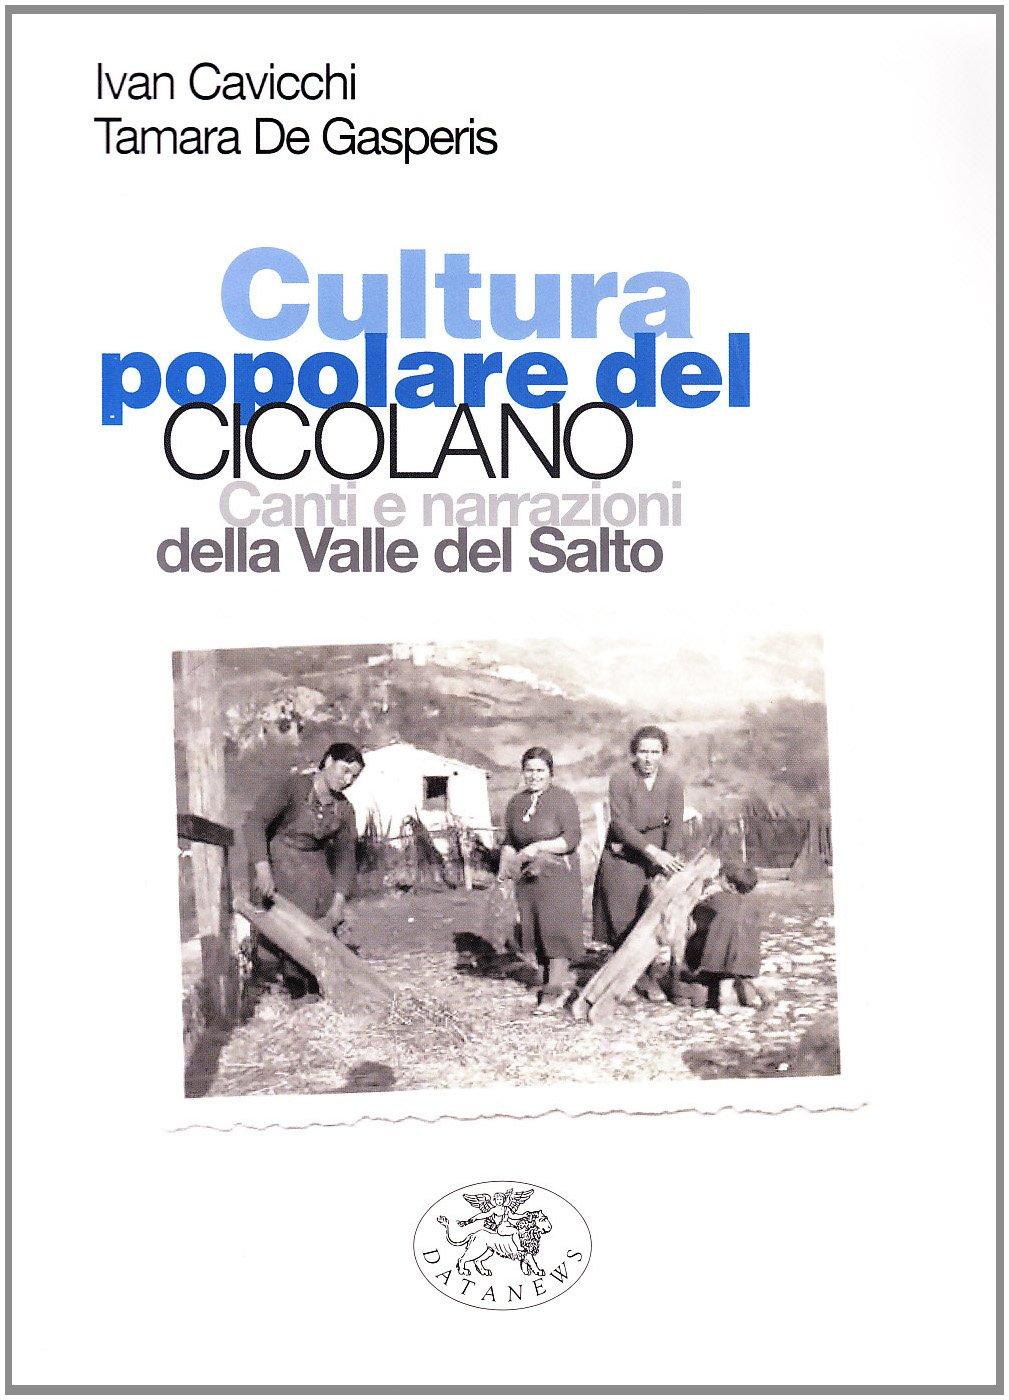 Amazon.it: Cultura popolare del Cicolano. Canti e narrazioni della valle del  Salto - Cavicchi, Ivan, De Gasperis, Tamara - Libri